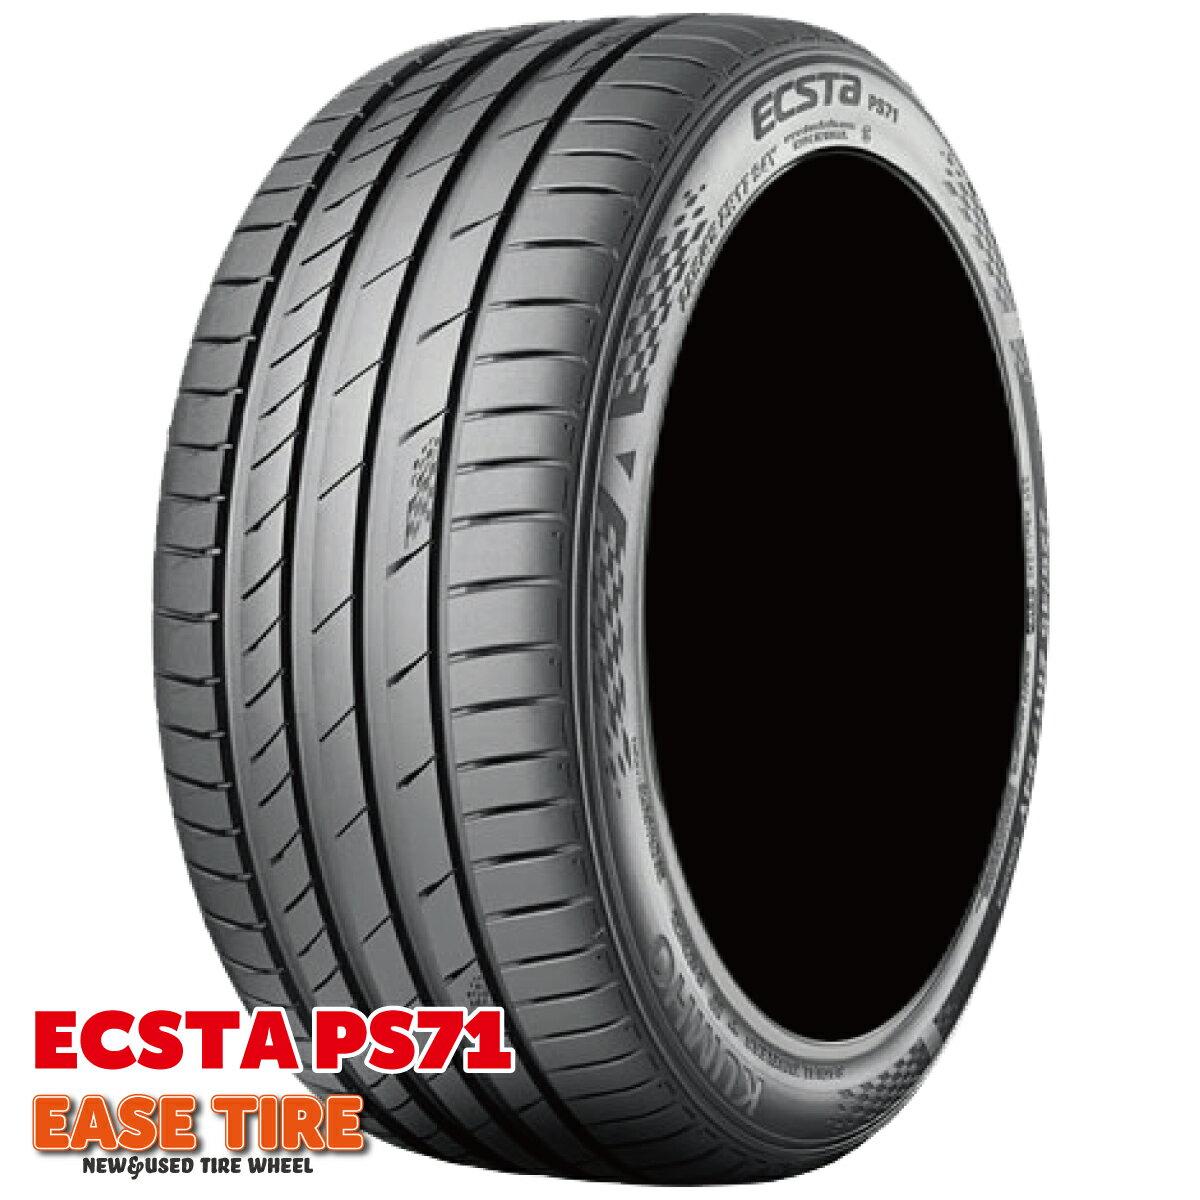 タイヤ・ホイール, サマータイヤ 26530R19 KUMHO ECSTA PS71 1 4